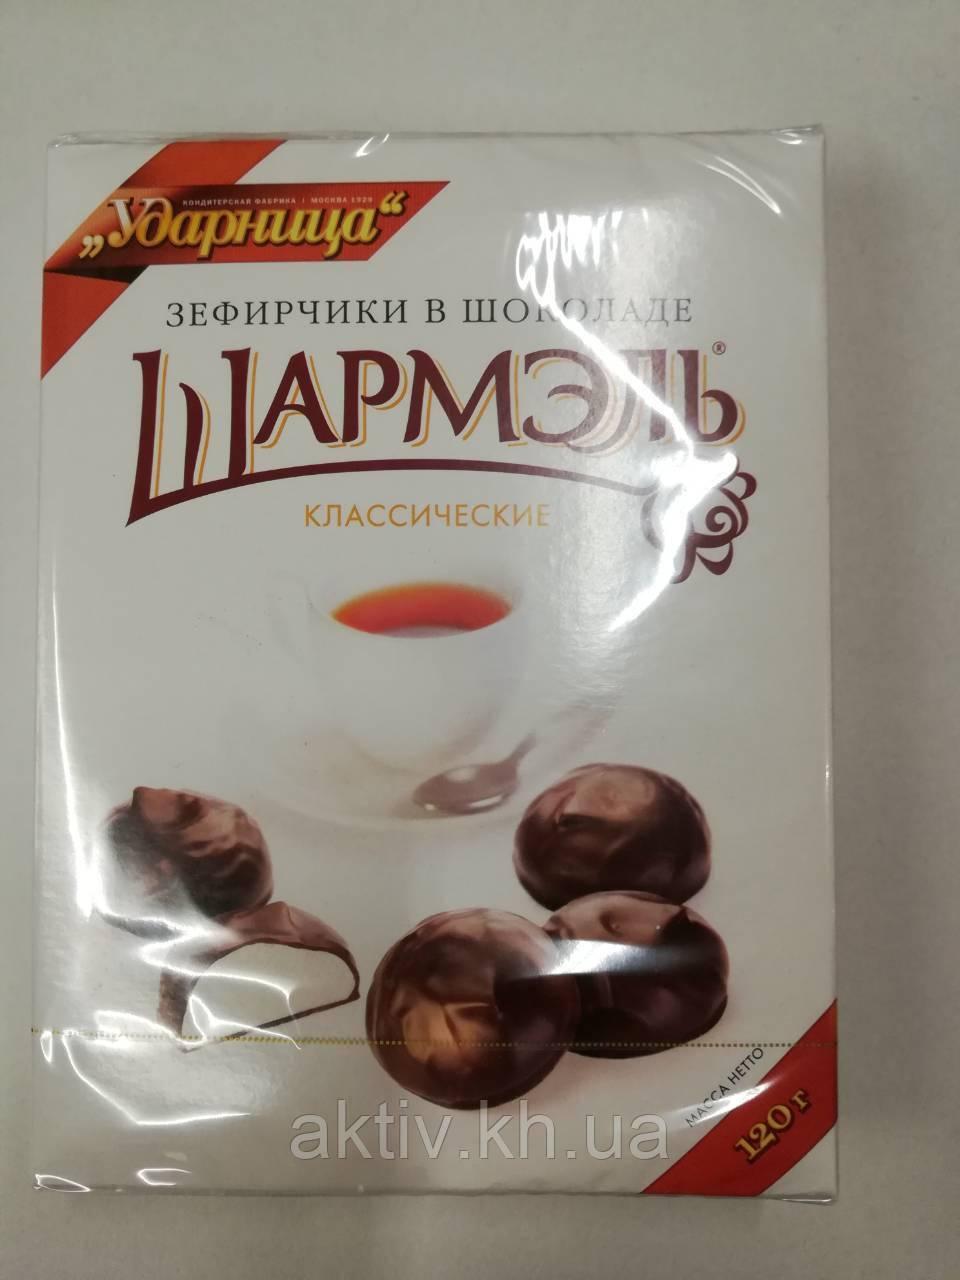 Зефир Шармель классический в шоколаде 120 гр